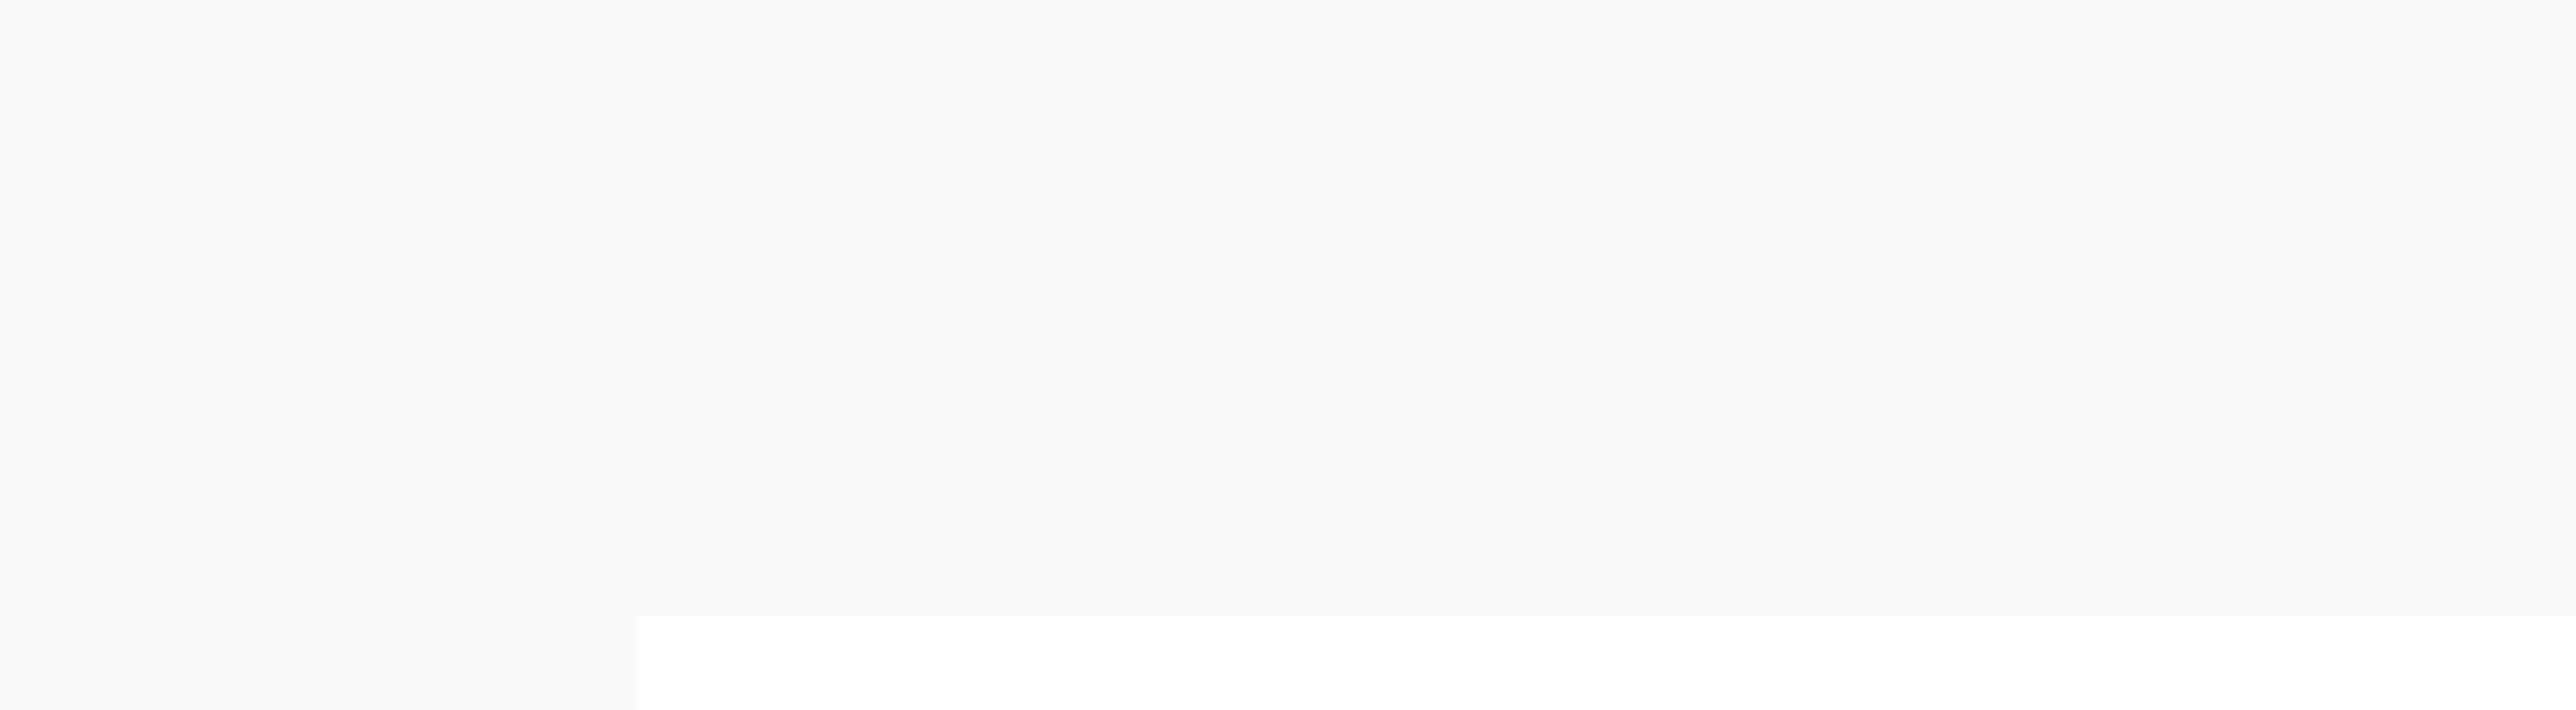 ЮРИДИЧЕСКИЙ АДРЕС И РЕКВИЗИТЫ